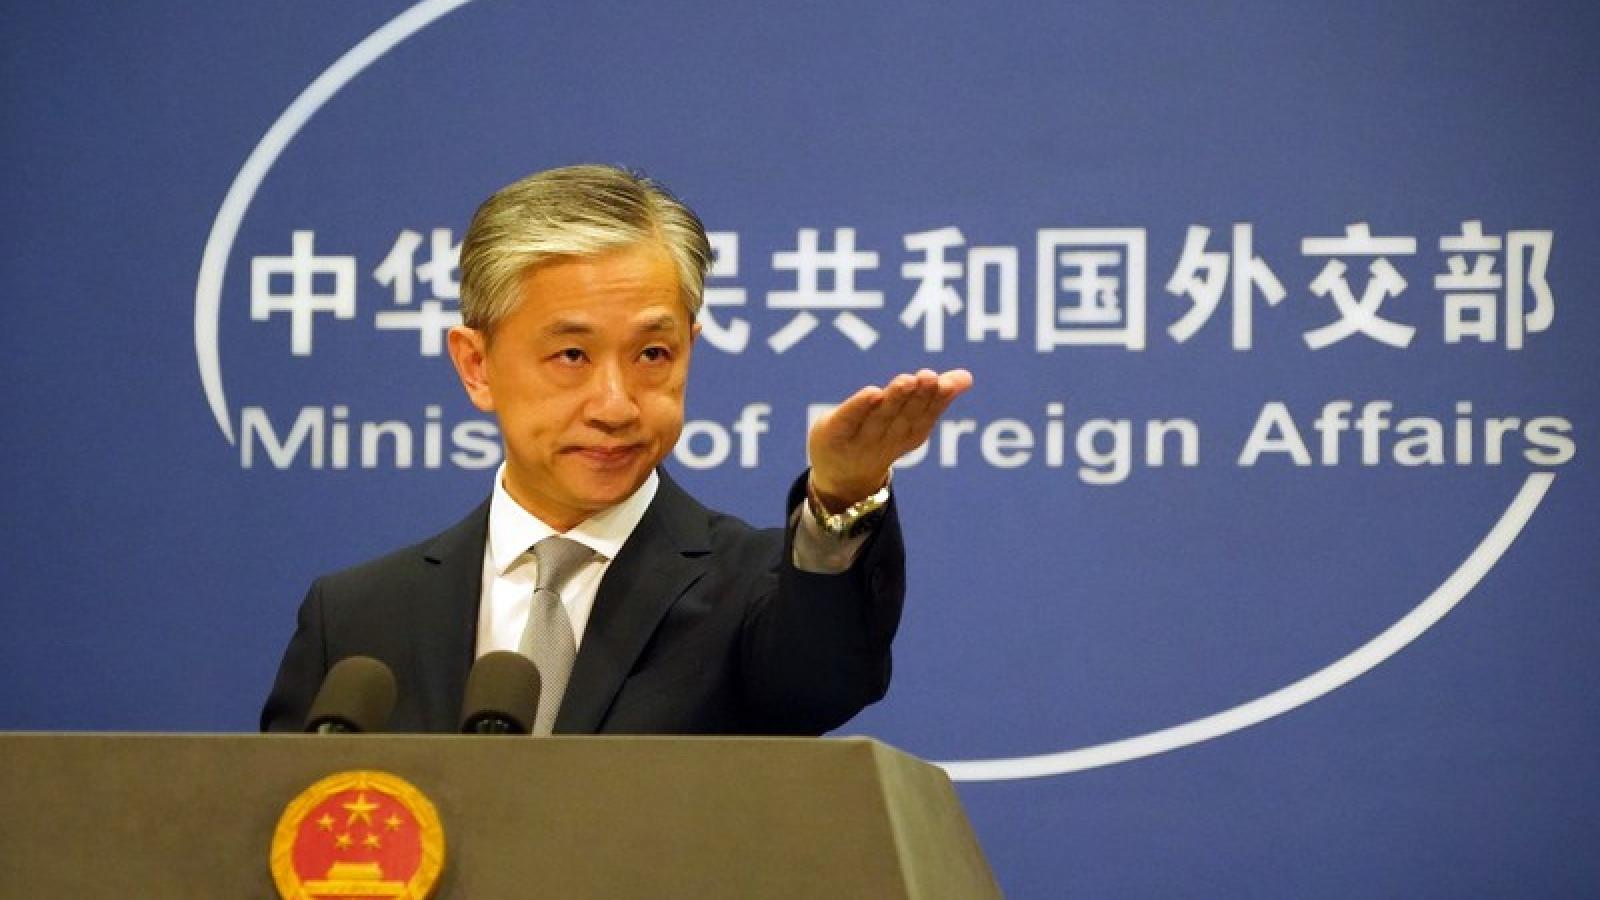 """Trung Quốc tuyên bố """"mưu đồ thay đổi Trung Quốc của Mỹ sẽ thất bại"""""""